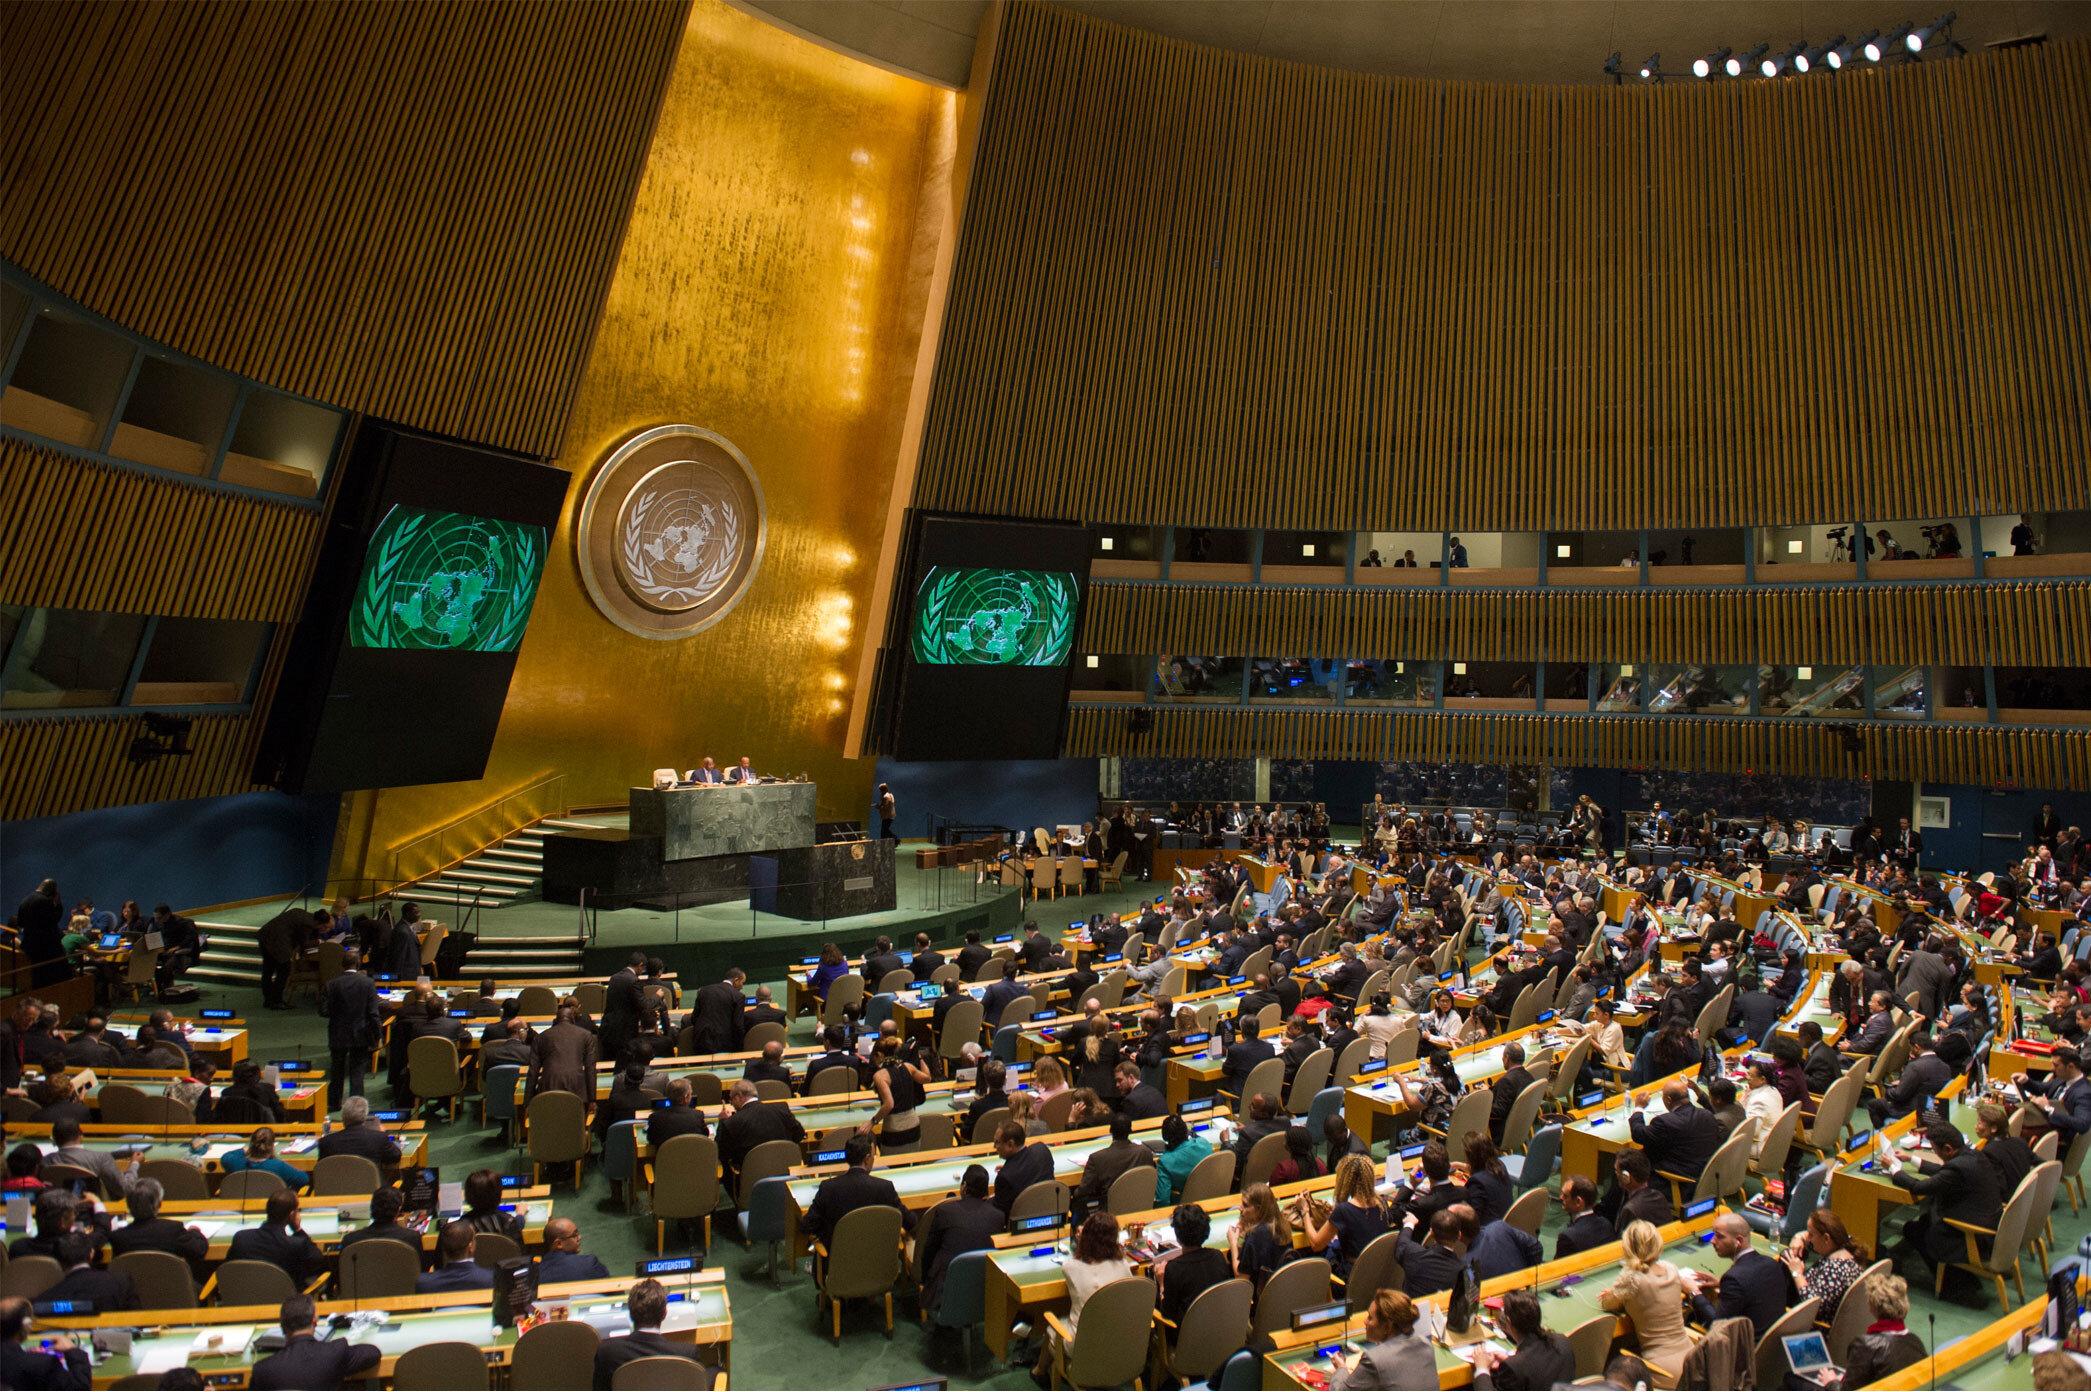 Anlaşmanın hayata geçmesi durumunda dünya üzerindeki göç hareketlerine uluslararası bir kural ve düzen getirilecek.